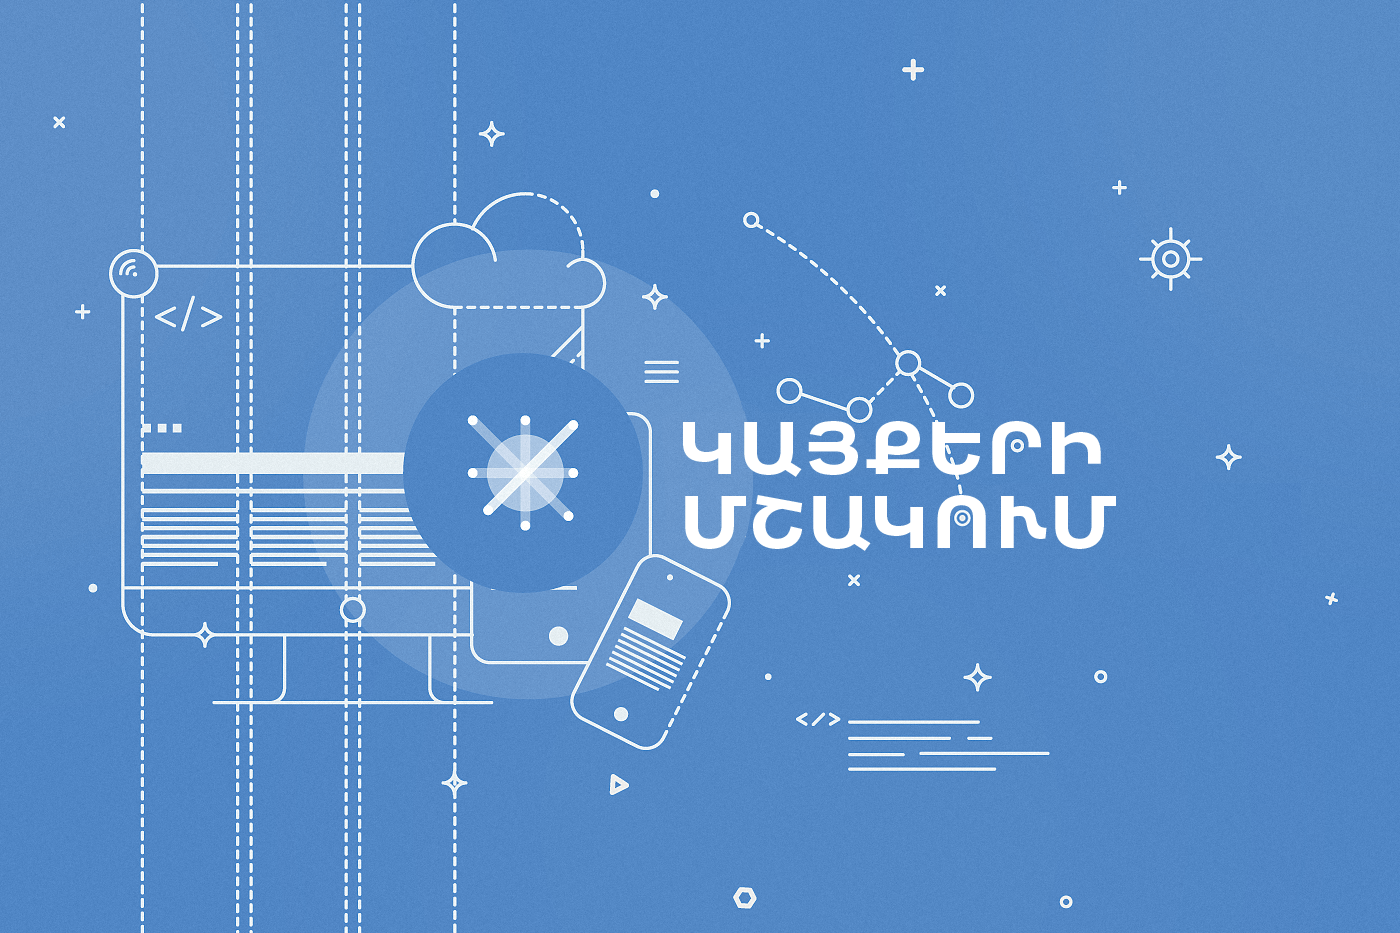 web dev 1 - Երևանը շարժման մեջ Տաթևիկ Ավետիսյանի հետ